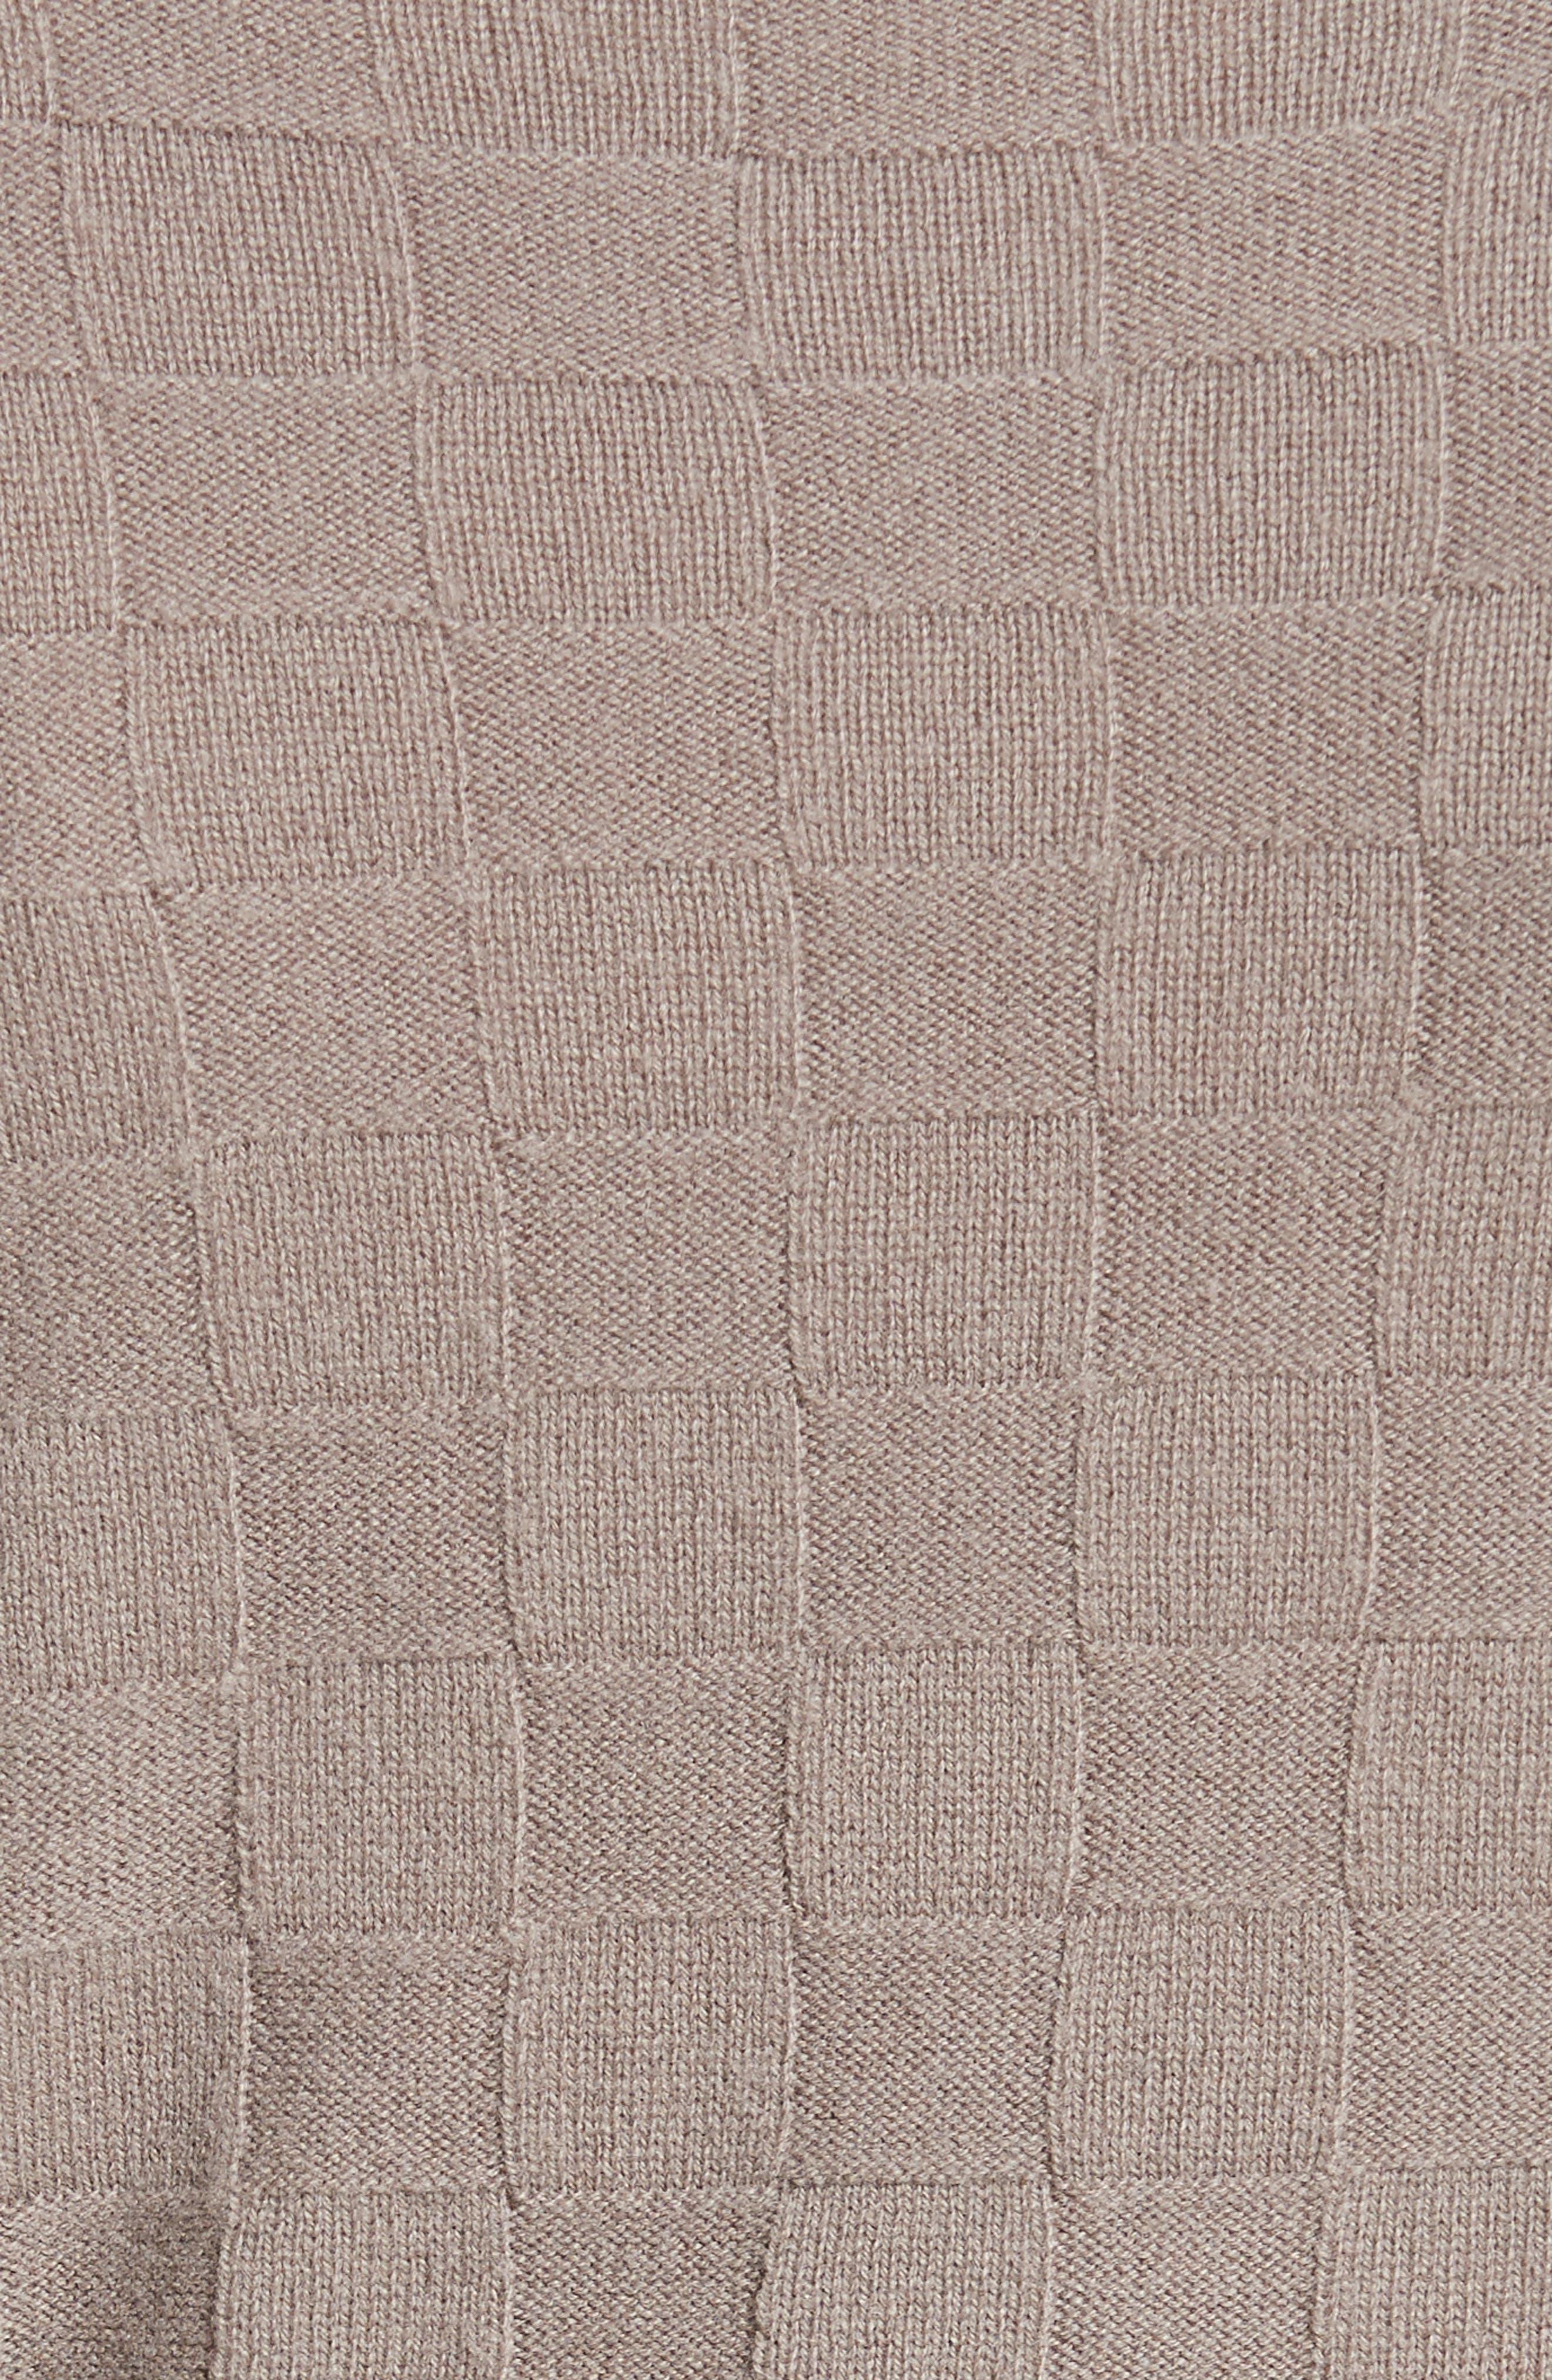 Alternate Image 3  - Armani Collezioni Checkerboard Cashmere Sweater